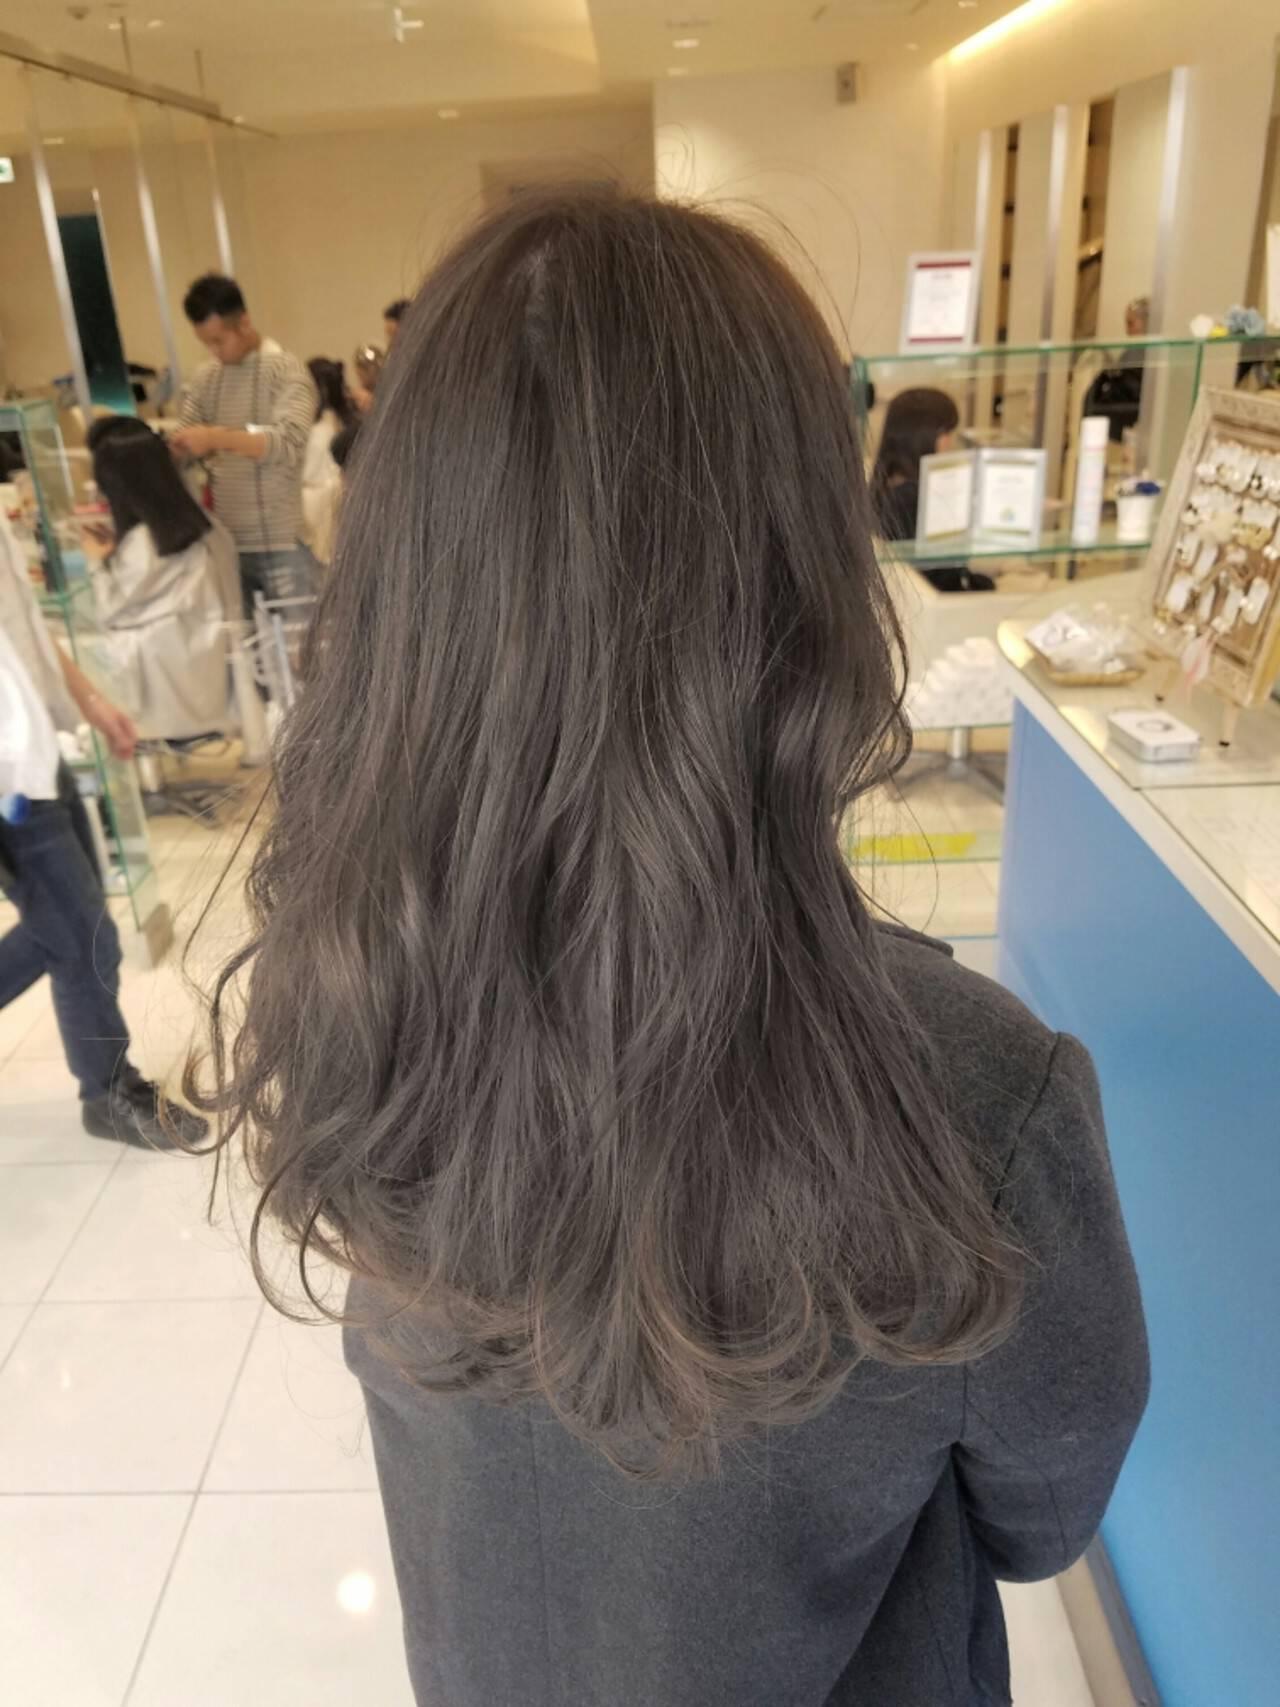 グレージュ エレガント 外国人風 ハイライトヘアスタイルや髪型の写真・画像